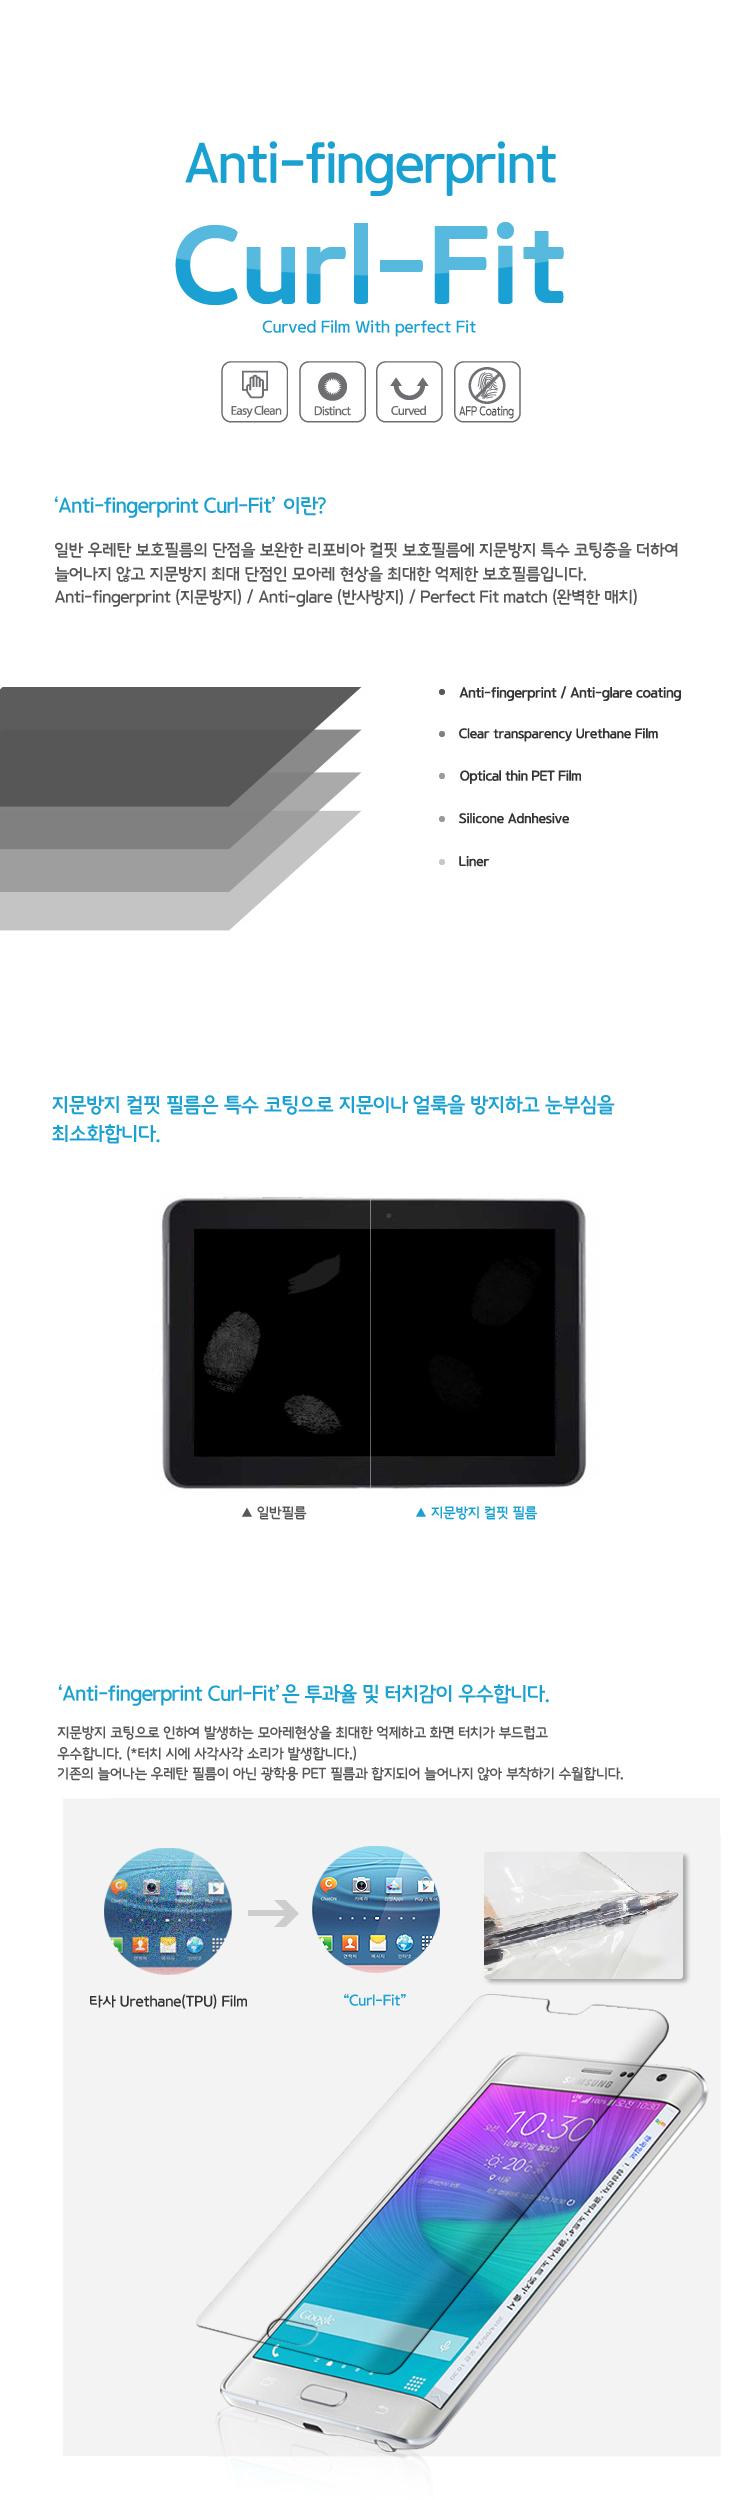 화웨이 스마트워치 GT2 42 컬핏 지문방지 풀커버 액정보호필름 2매 - 길라잡이, 11,200원, 스마트워치/밴드, 스마트워치 보호필름